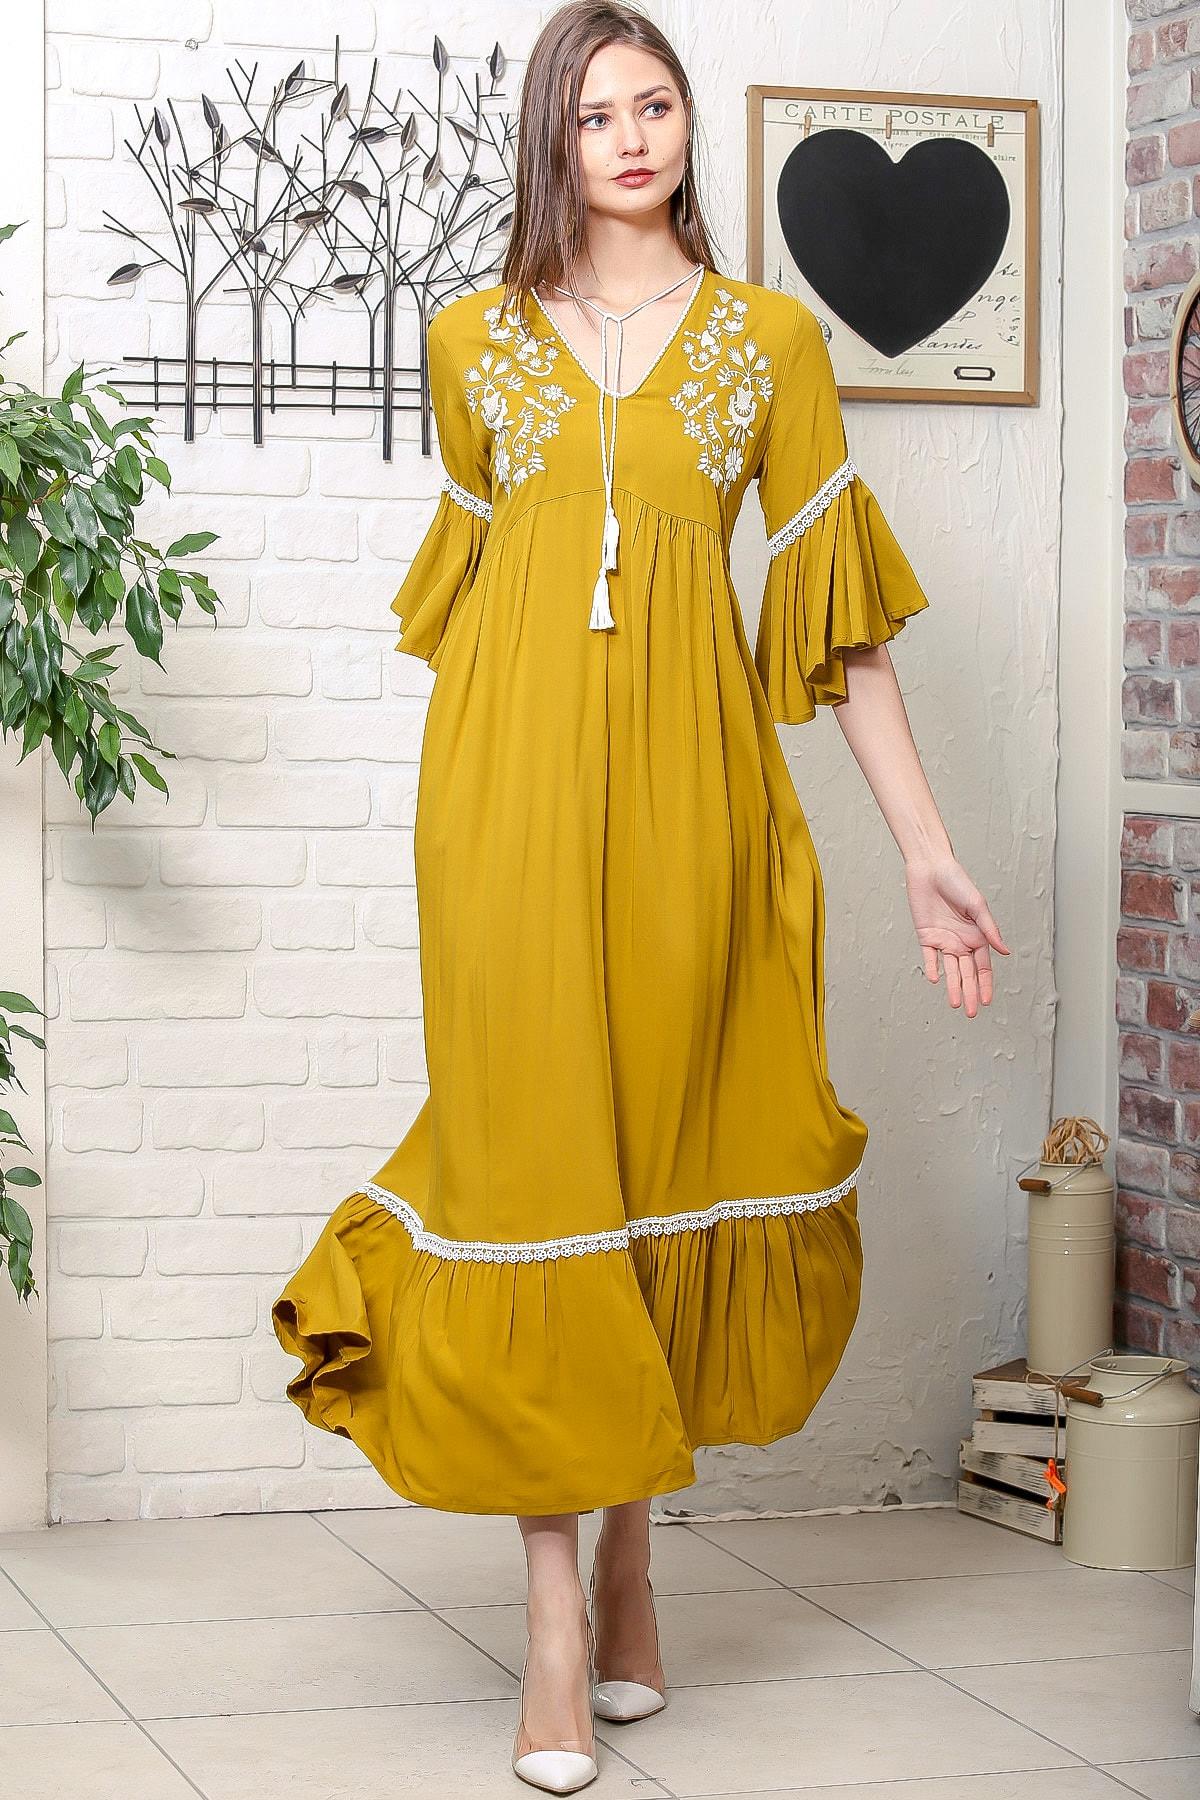 Kadın Hardal Çiçek Nakışlı V Yaka Kol Ve Etek Ucu Dantelli Dokuma Salaş Elbise M10160000EL95902